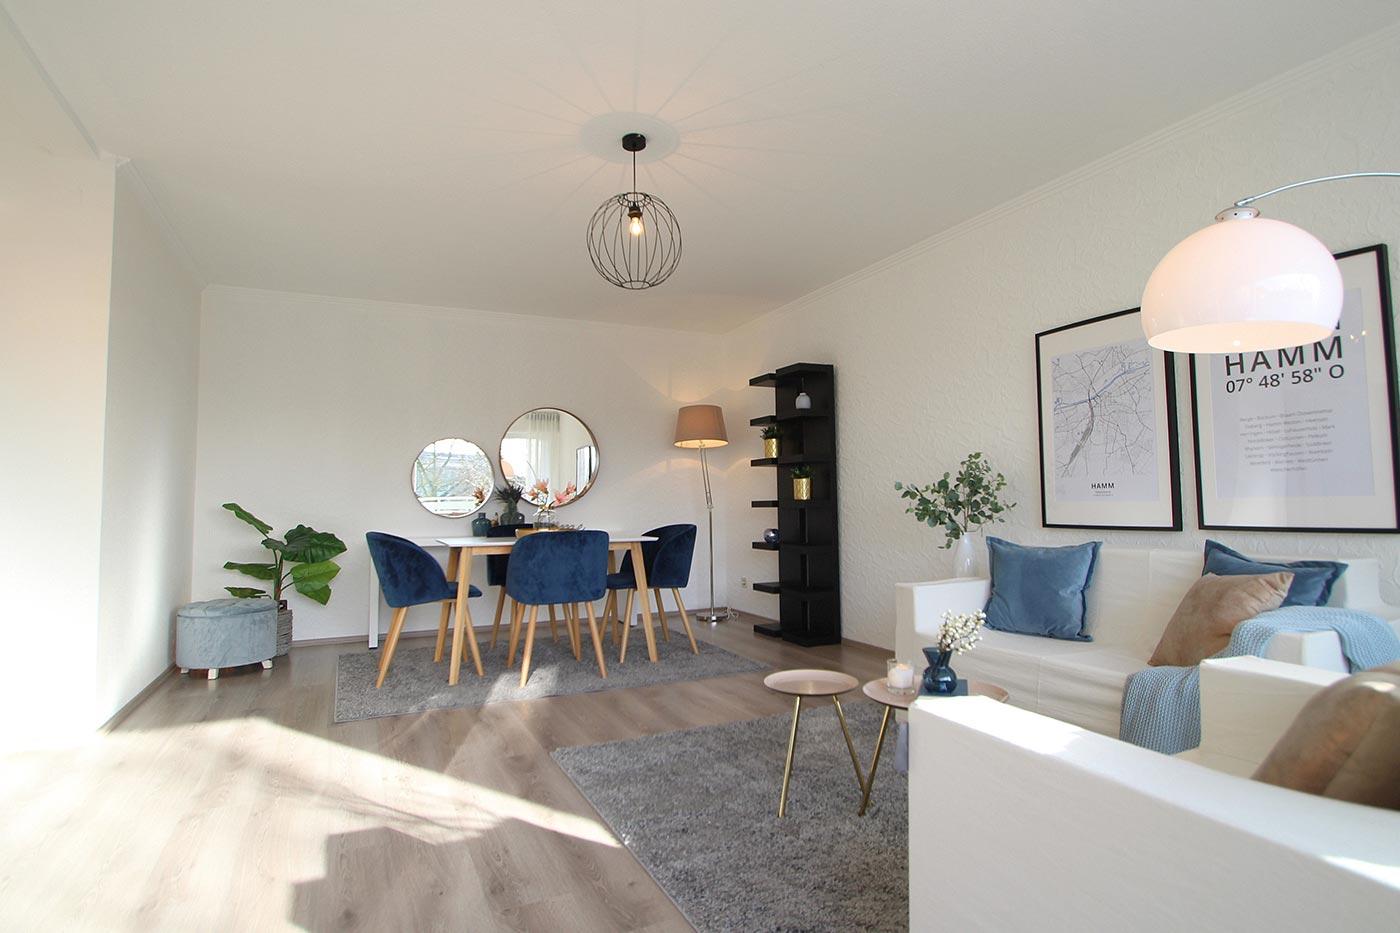 Wohn- und Essbereich nach dem Homestaging durch Nicole Biernath von Blickfang Homestaging in Soest